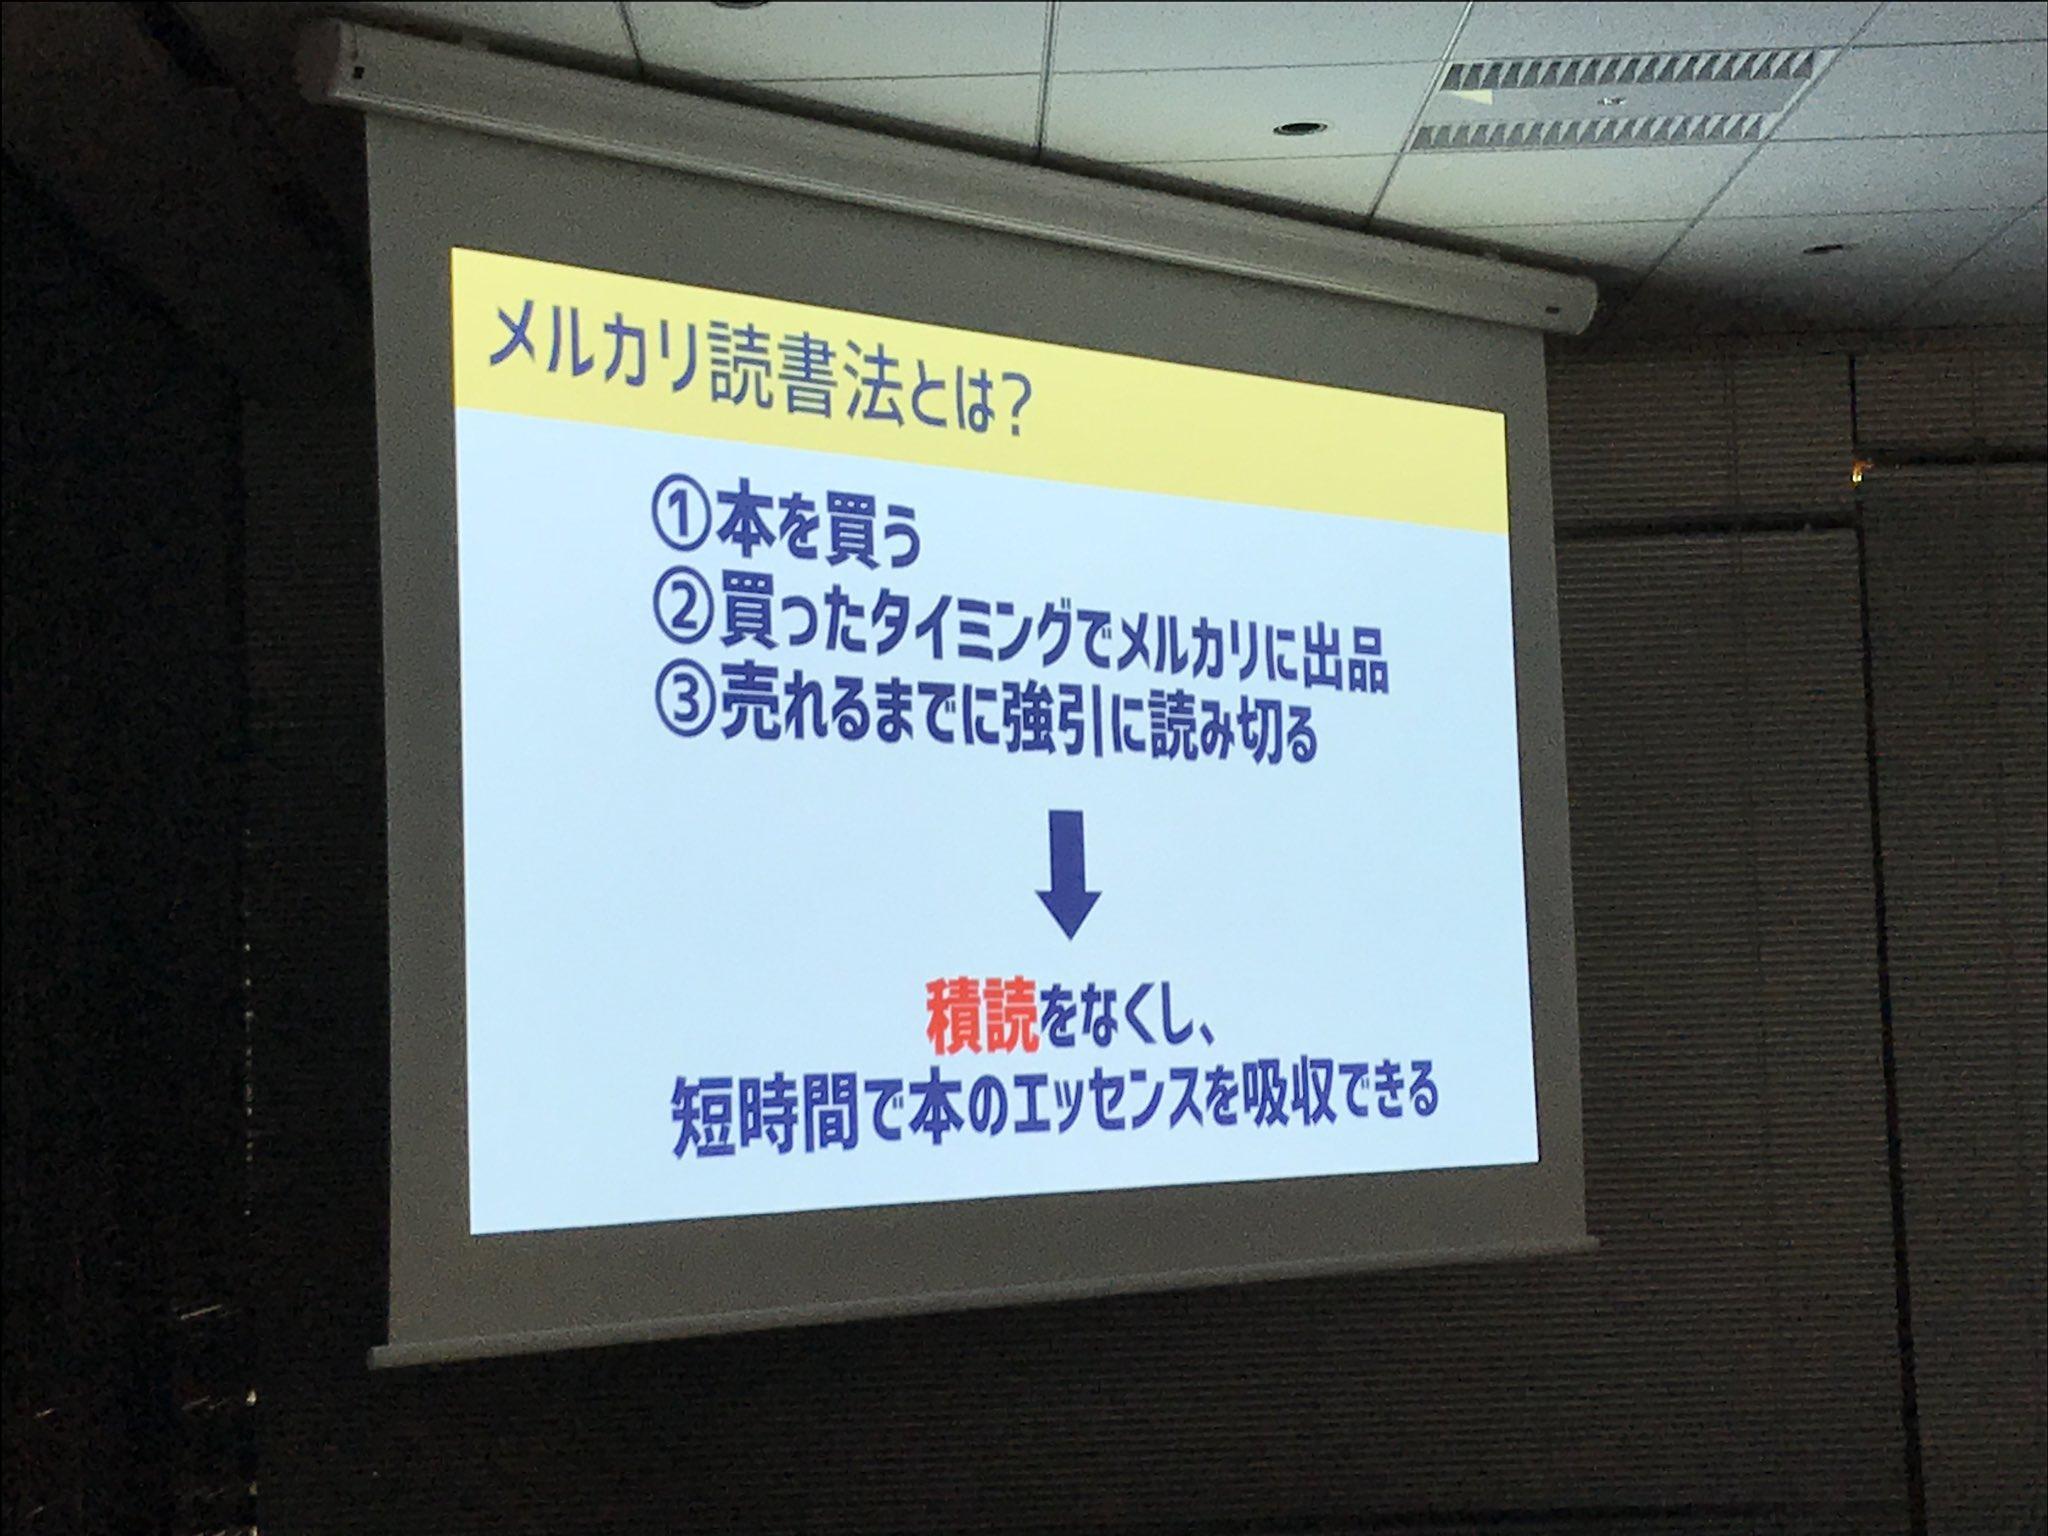 メルカリ読書法 初めて聞いたけどこれ面白い笑 #uxjam_jp